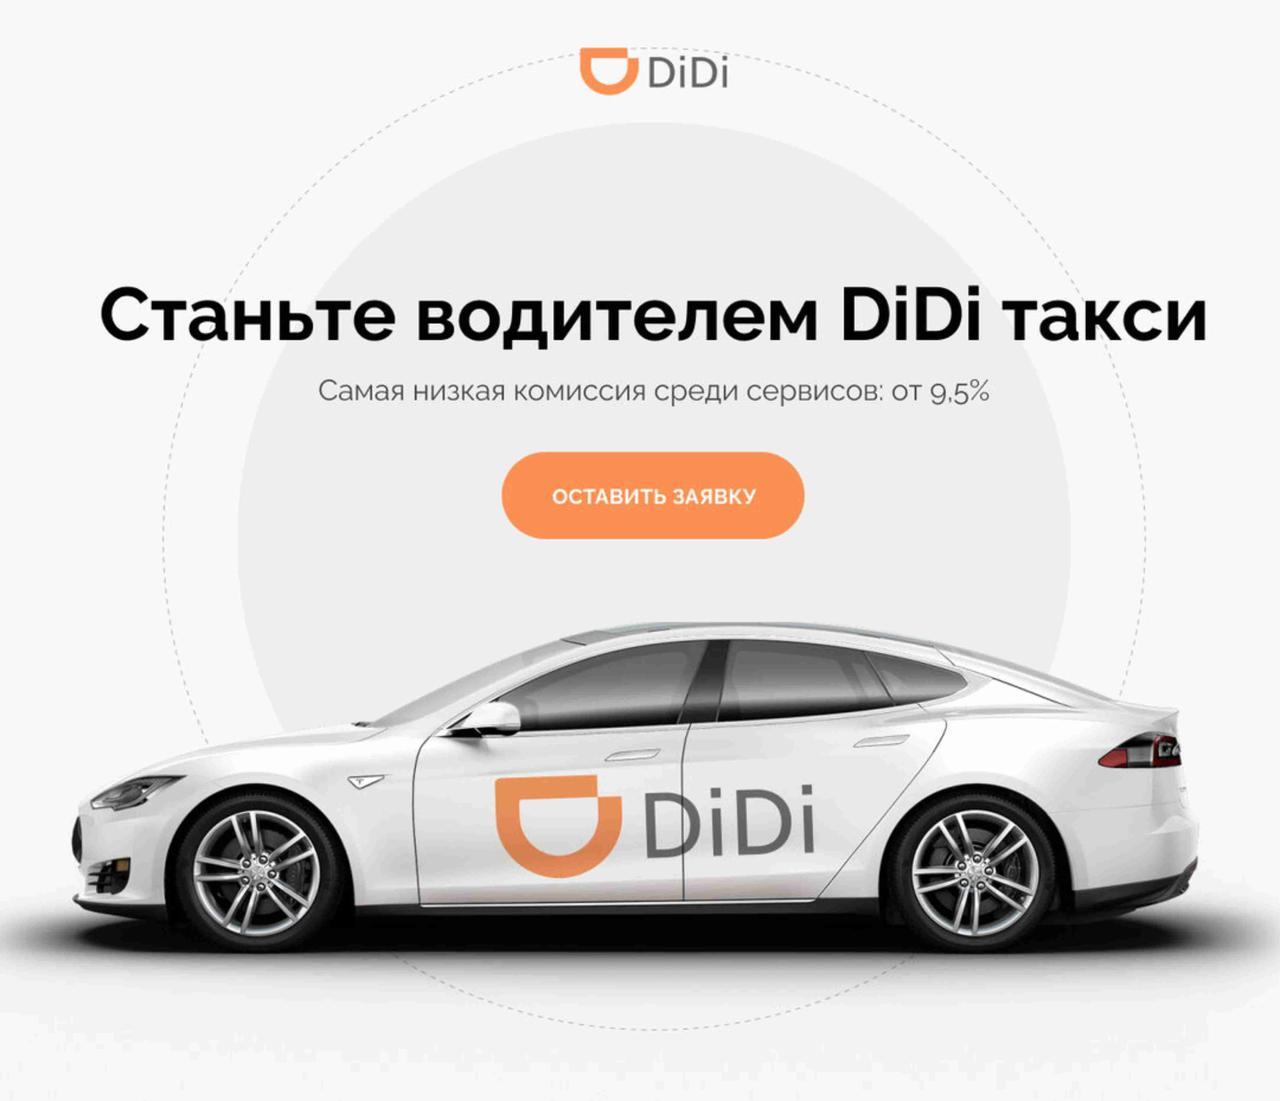 Как мне обновить данные моей учетной записи?DiDi такси онлайн